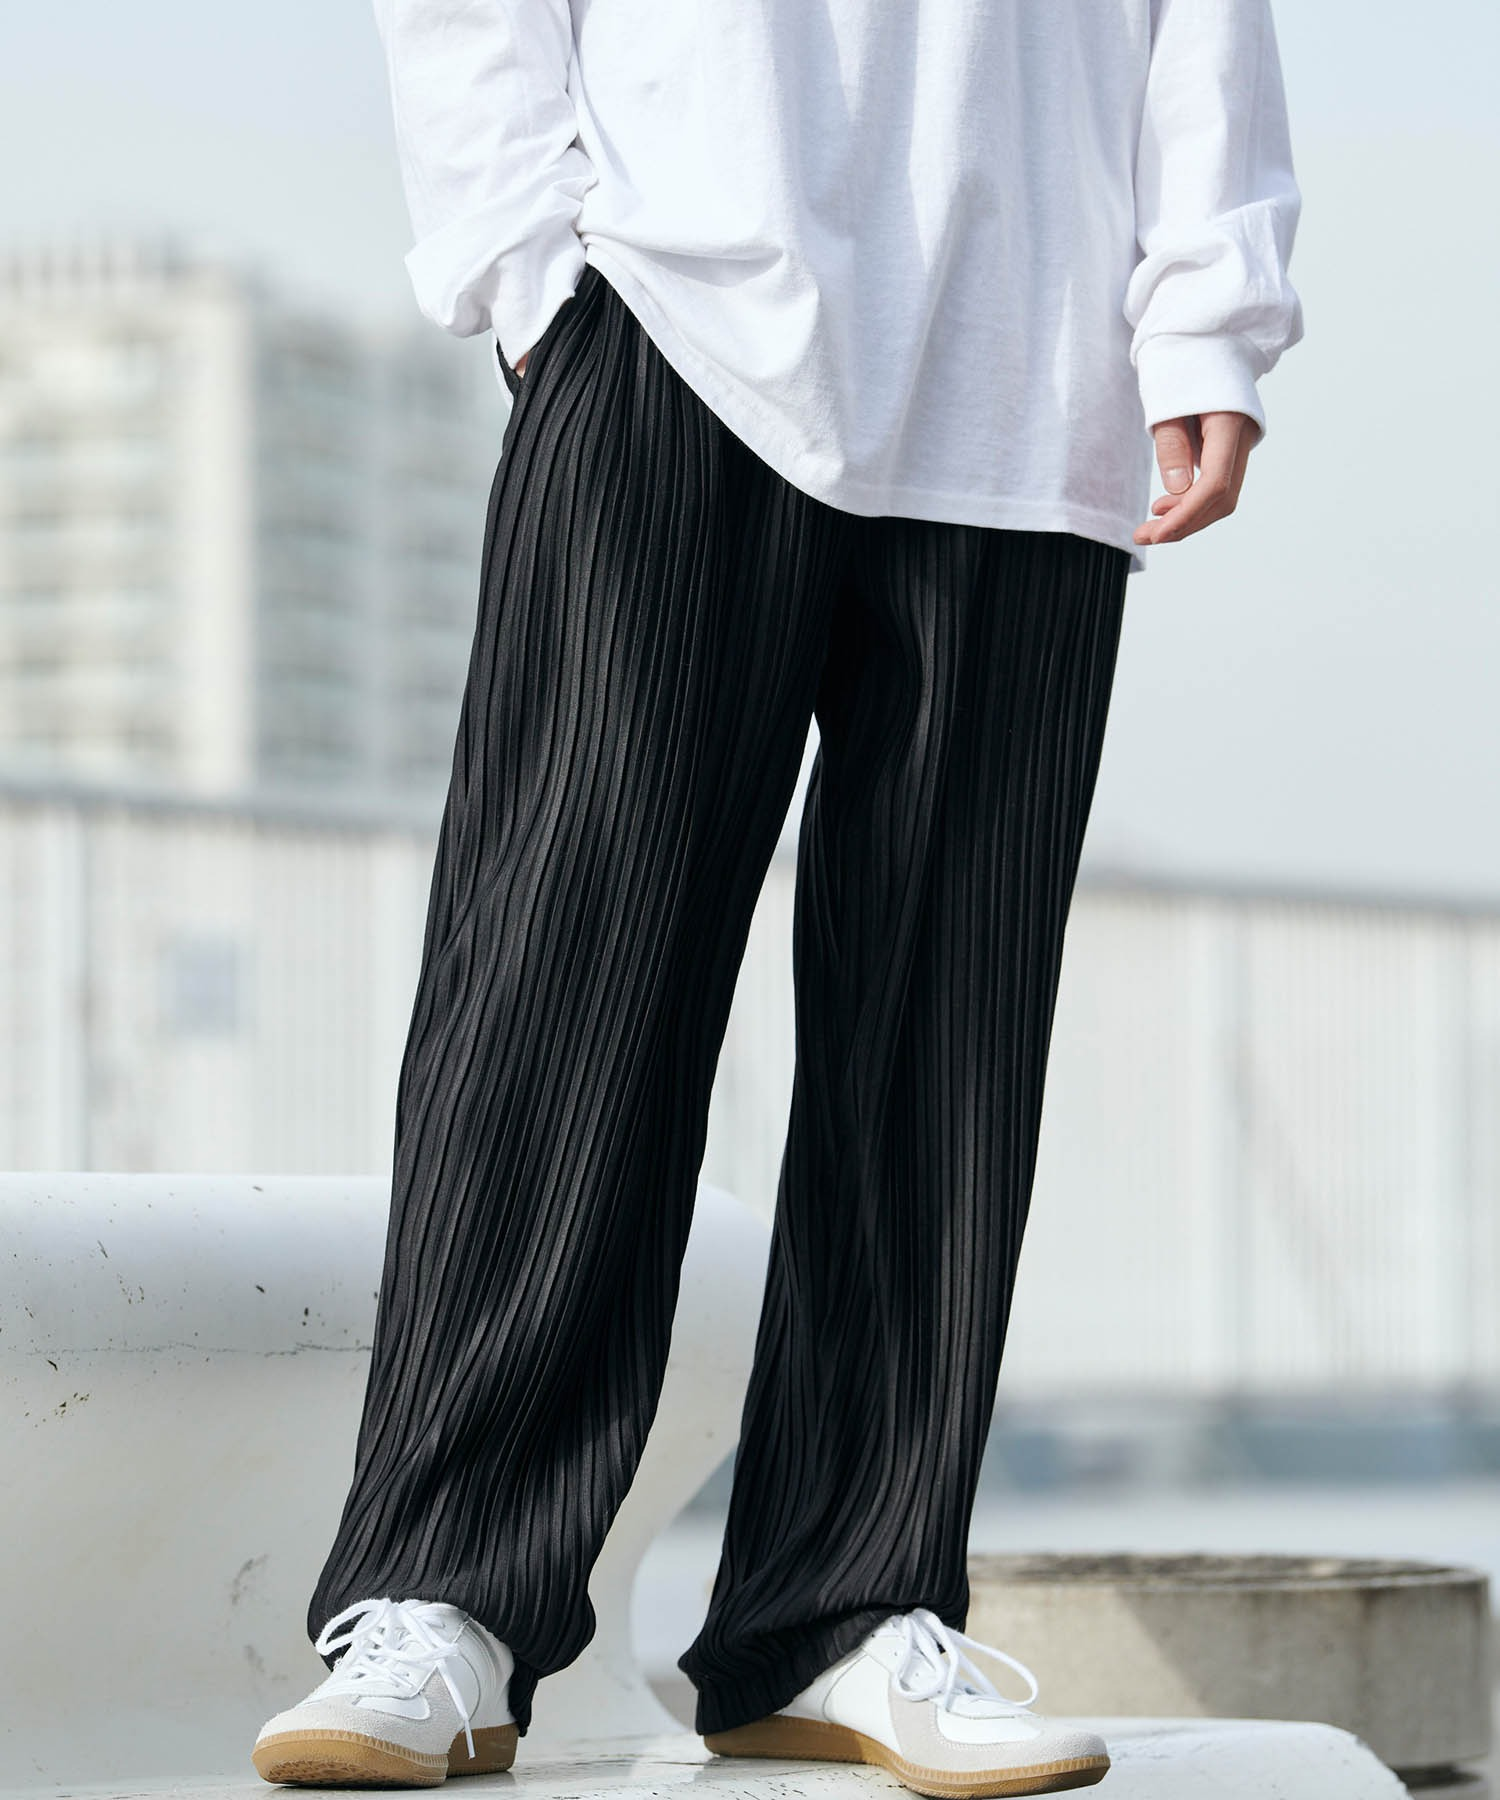 バルーンビッグシルエット シェフパンツ/スケーターパンツ ワイドデニムパンツ アソートfabric/ Chef's Pants -2021AW-